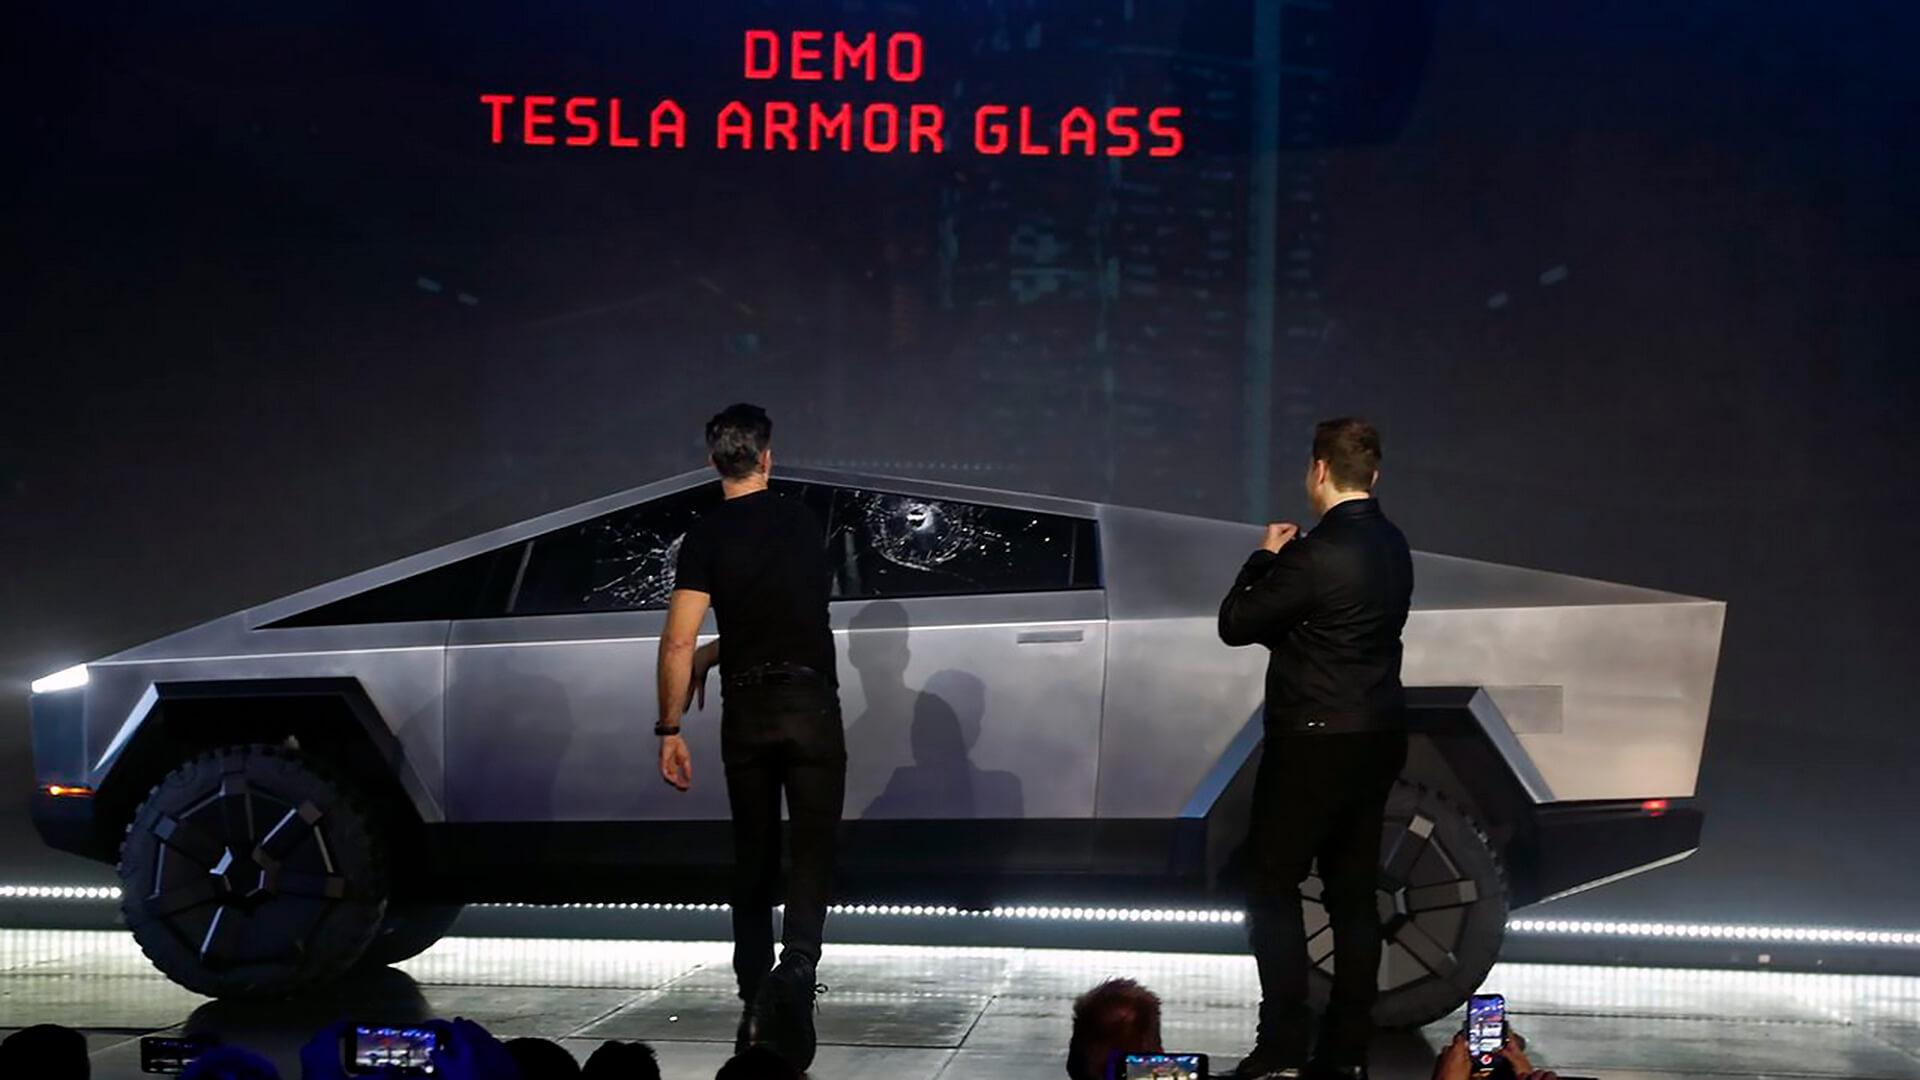 Главный дизайнер Tesla Франц фон Хольцхаузен кидает металлический шар в окно Tesla Cybertruck